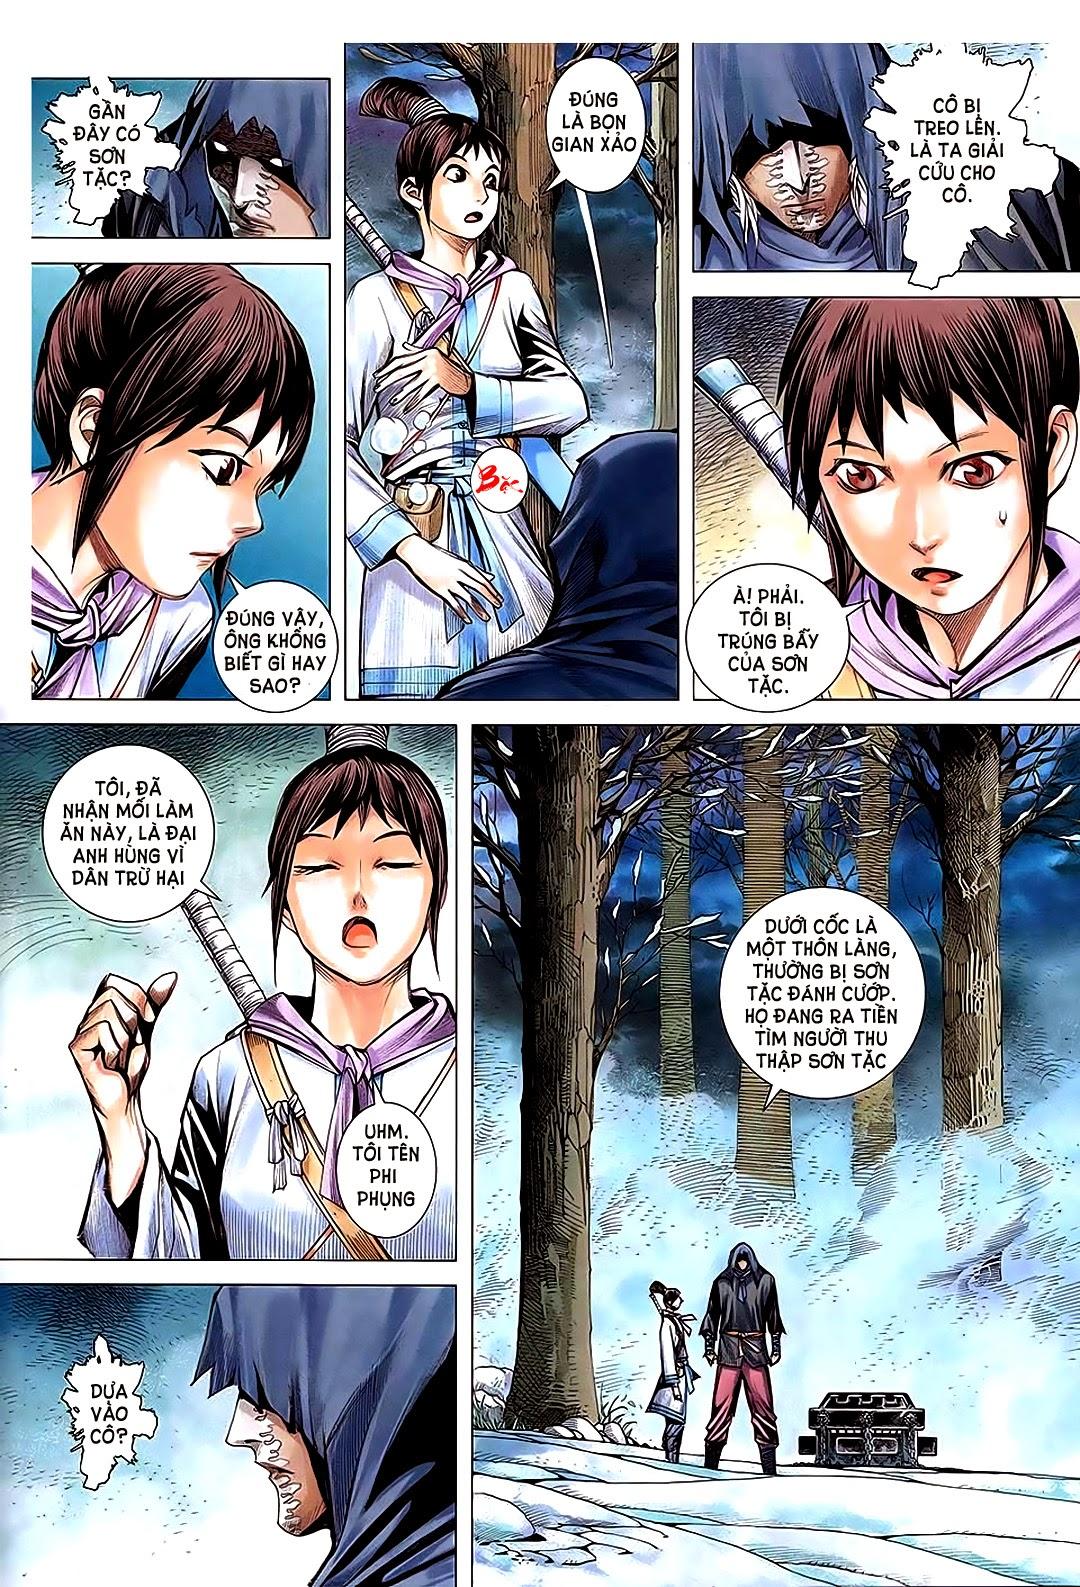 a3manga.com-phong-than-ky-14